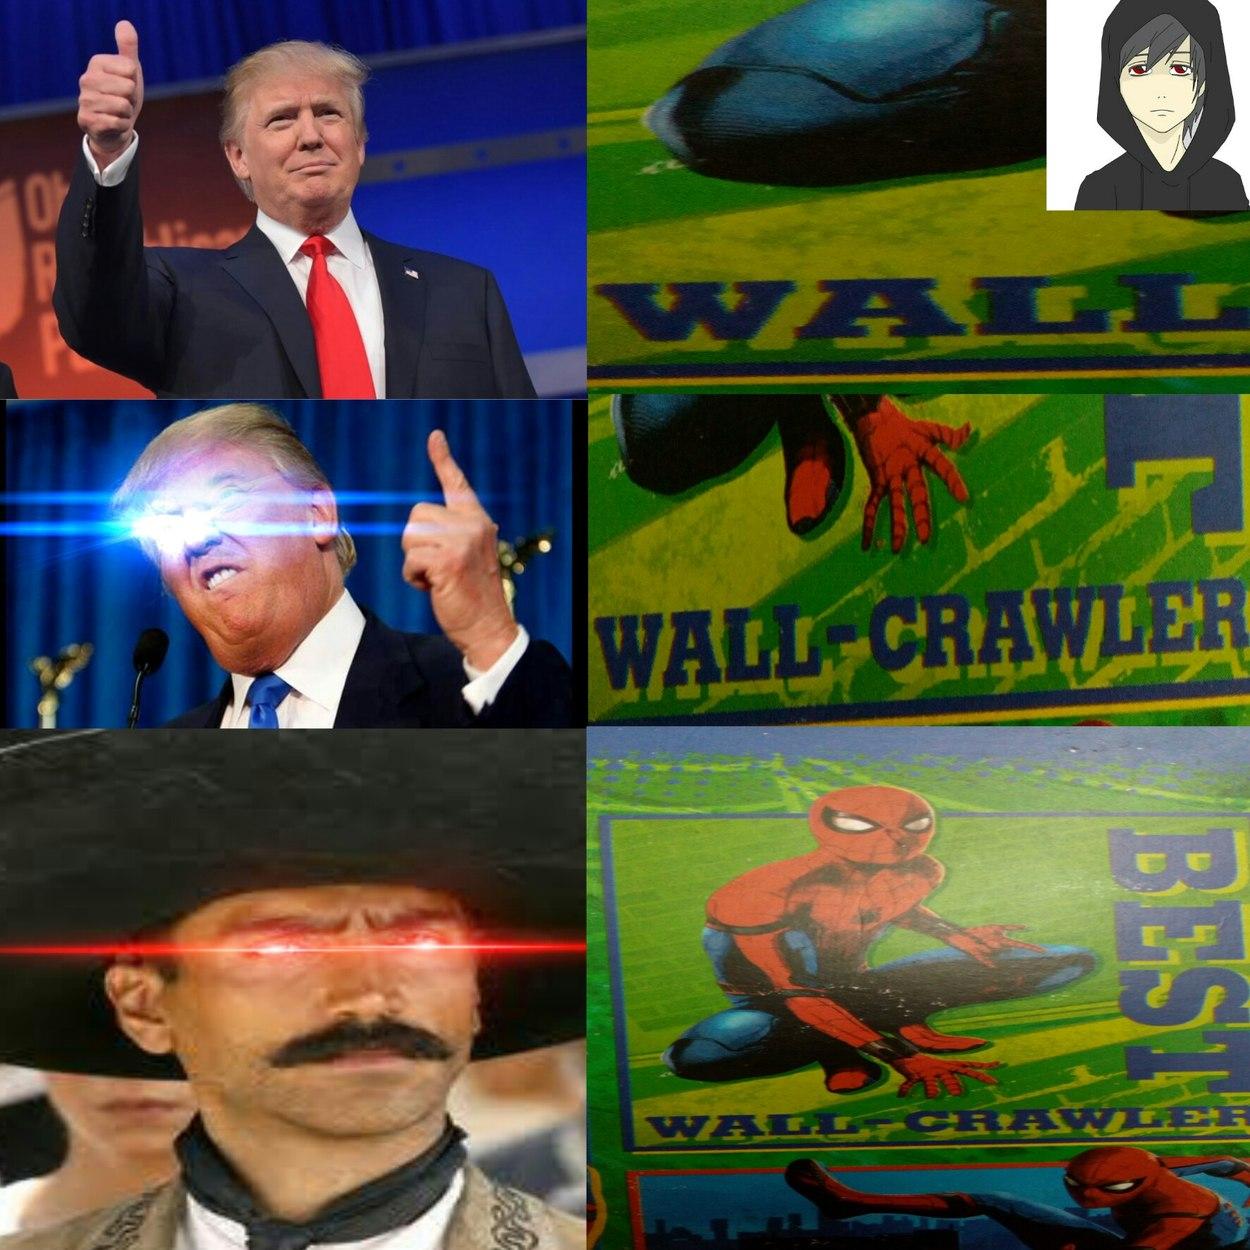 No por nada el buitre le dijo Pedro Parker (Traducción: el mejor salga muros) - meme